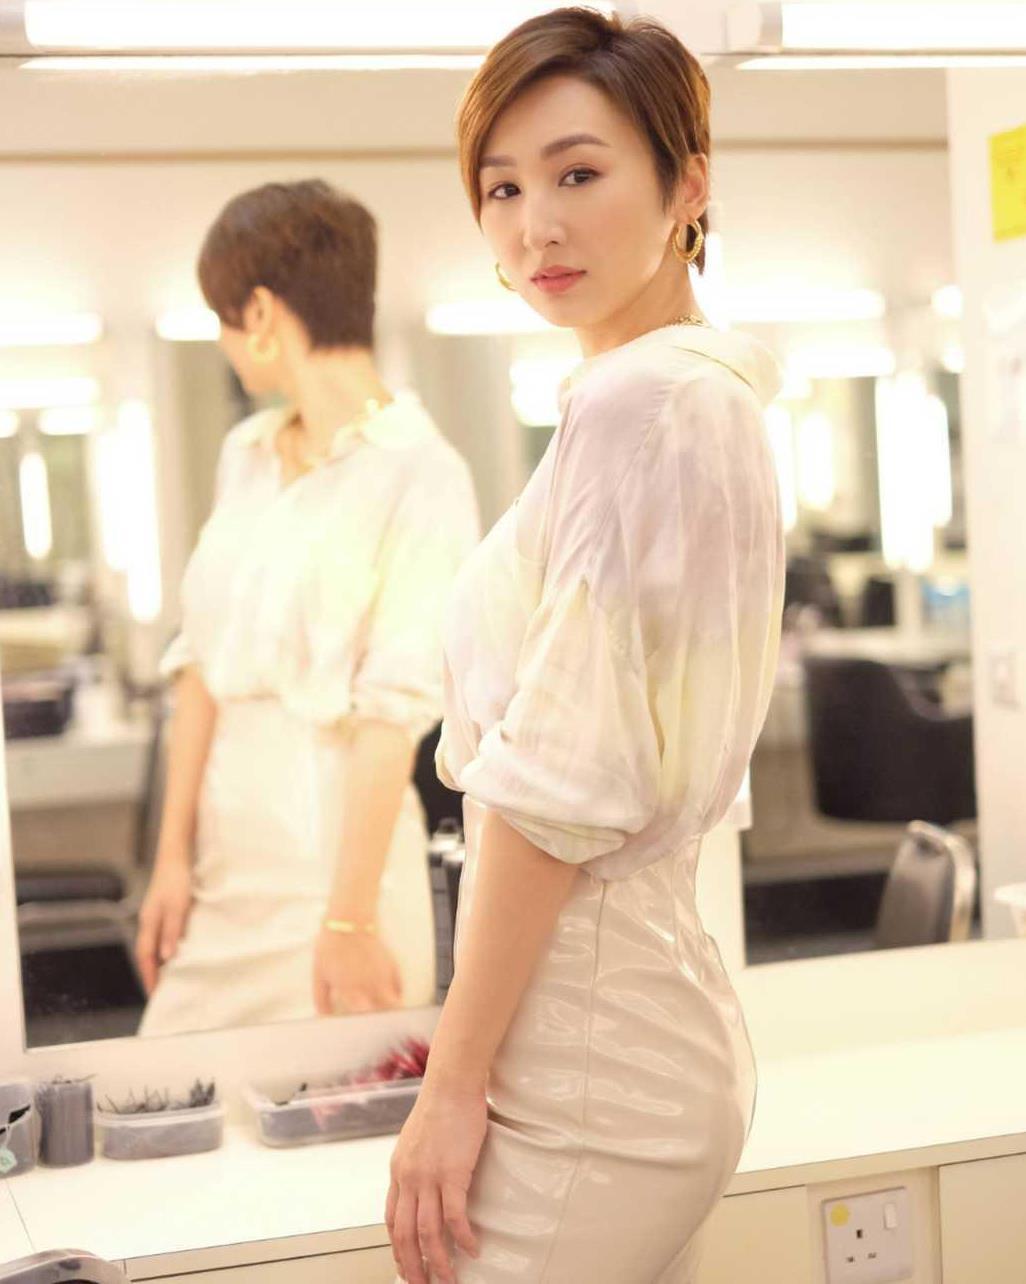 高海宁短发造型A爆,穿白衬衫配包臀裙,金项链不土反而很高级